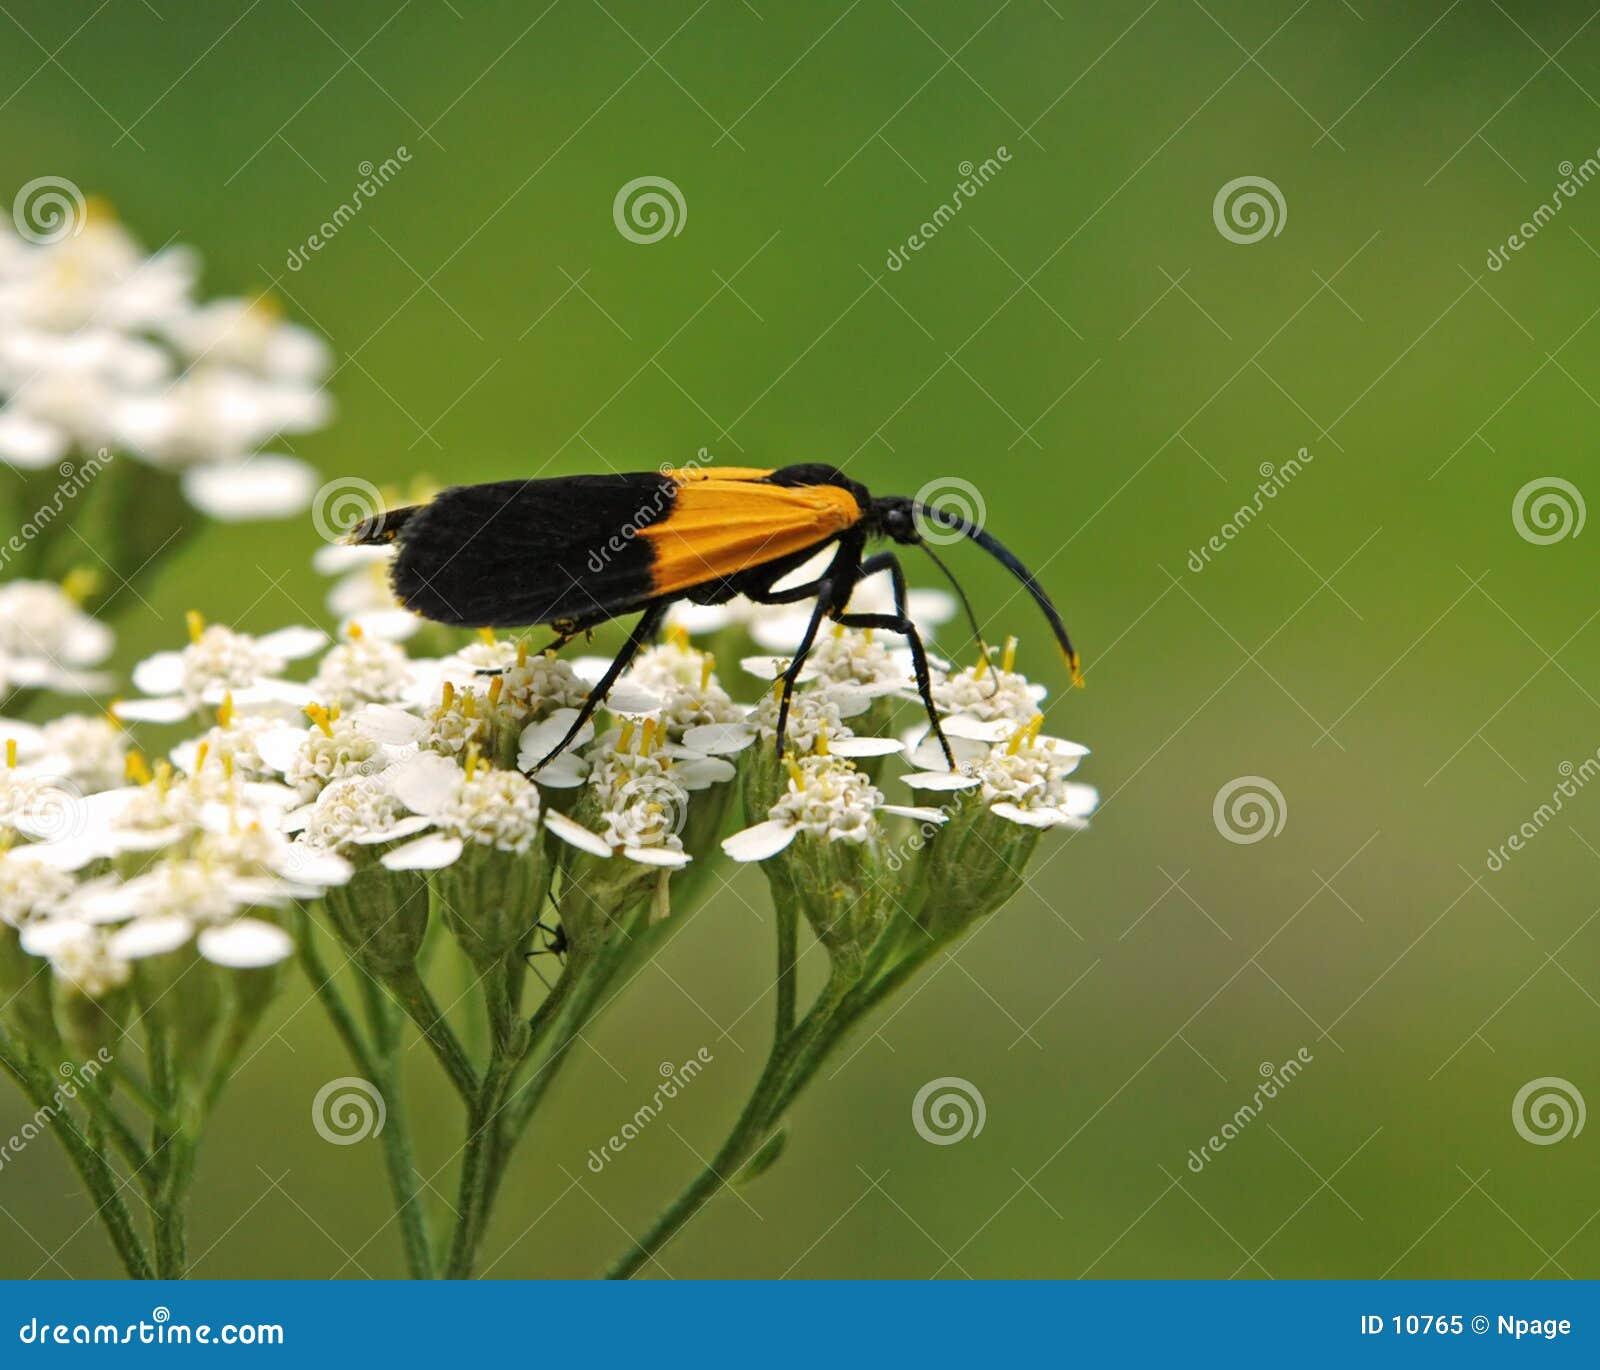 Bug No1